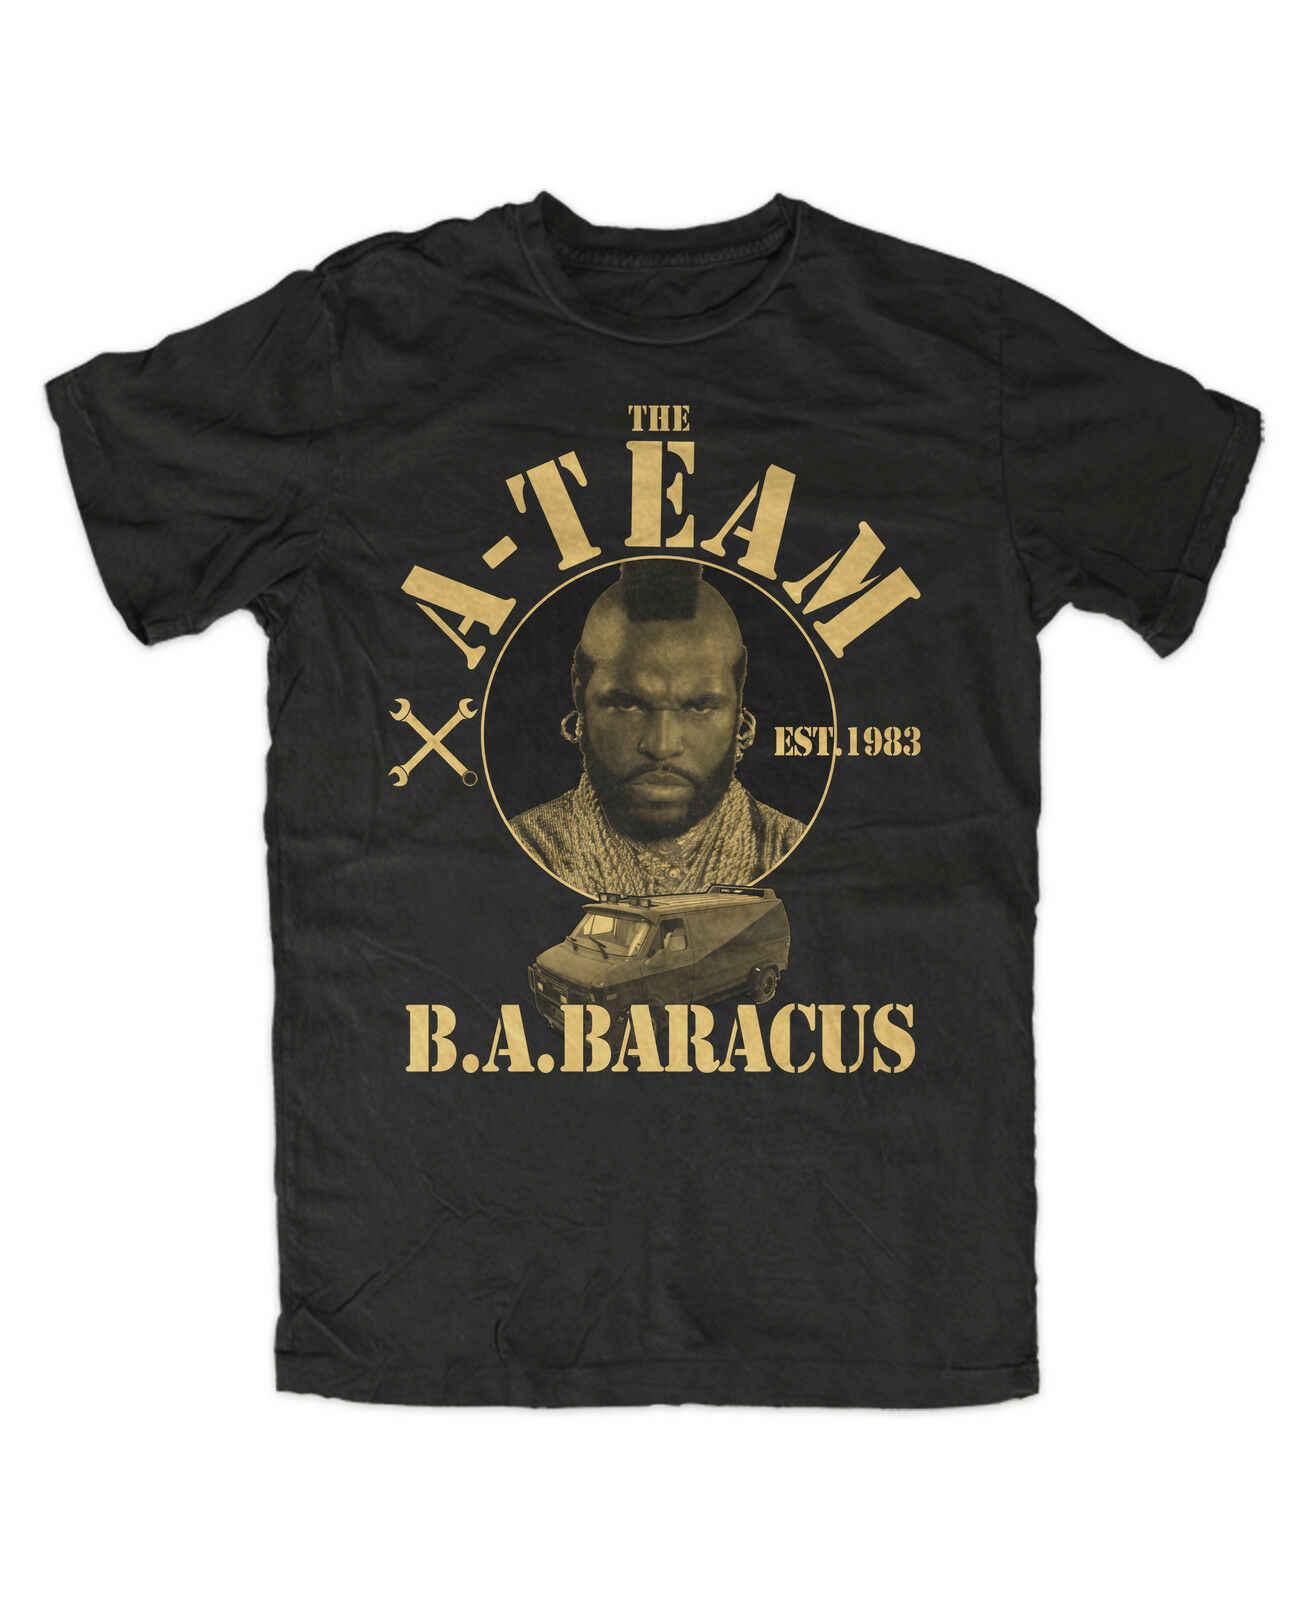 A UMA Equipa-B.A. Premium T-Shirt Divertida Série de TV Filme Mr. T. Hannibal Murdock Face-mostrar título original